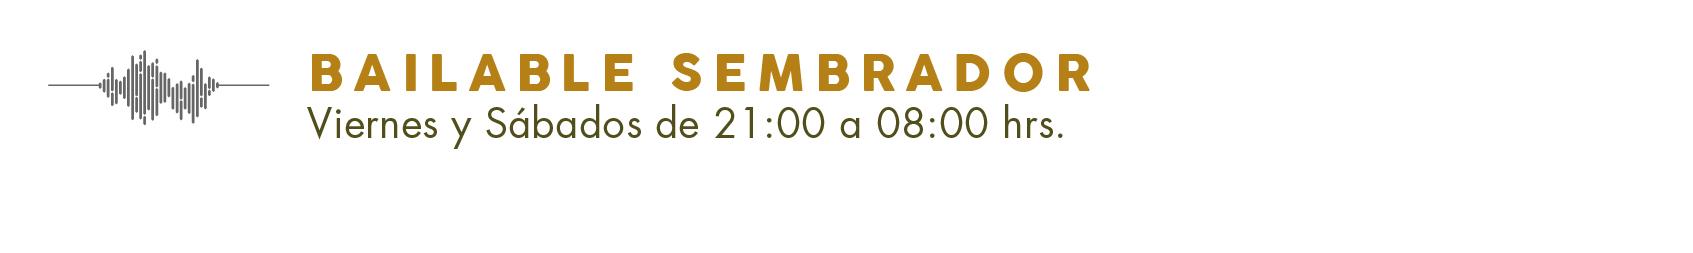 Programa de Radio-10